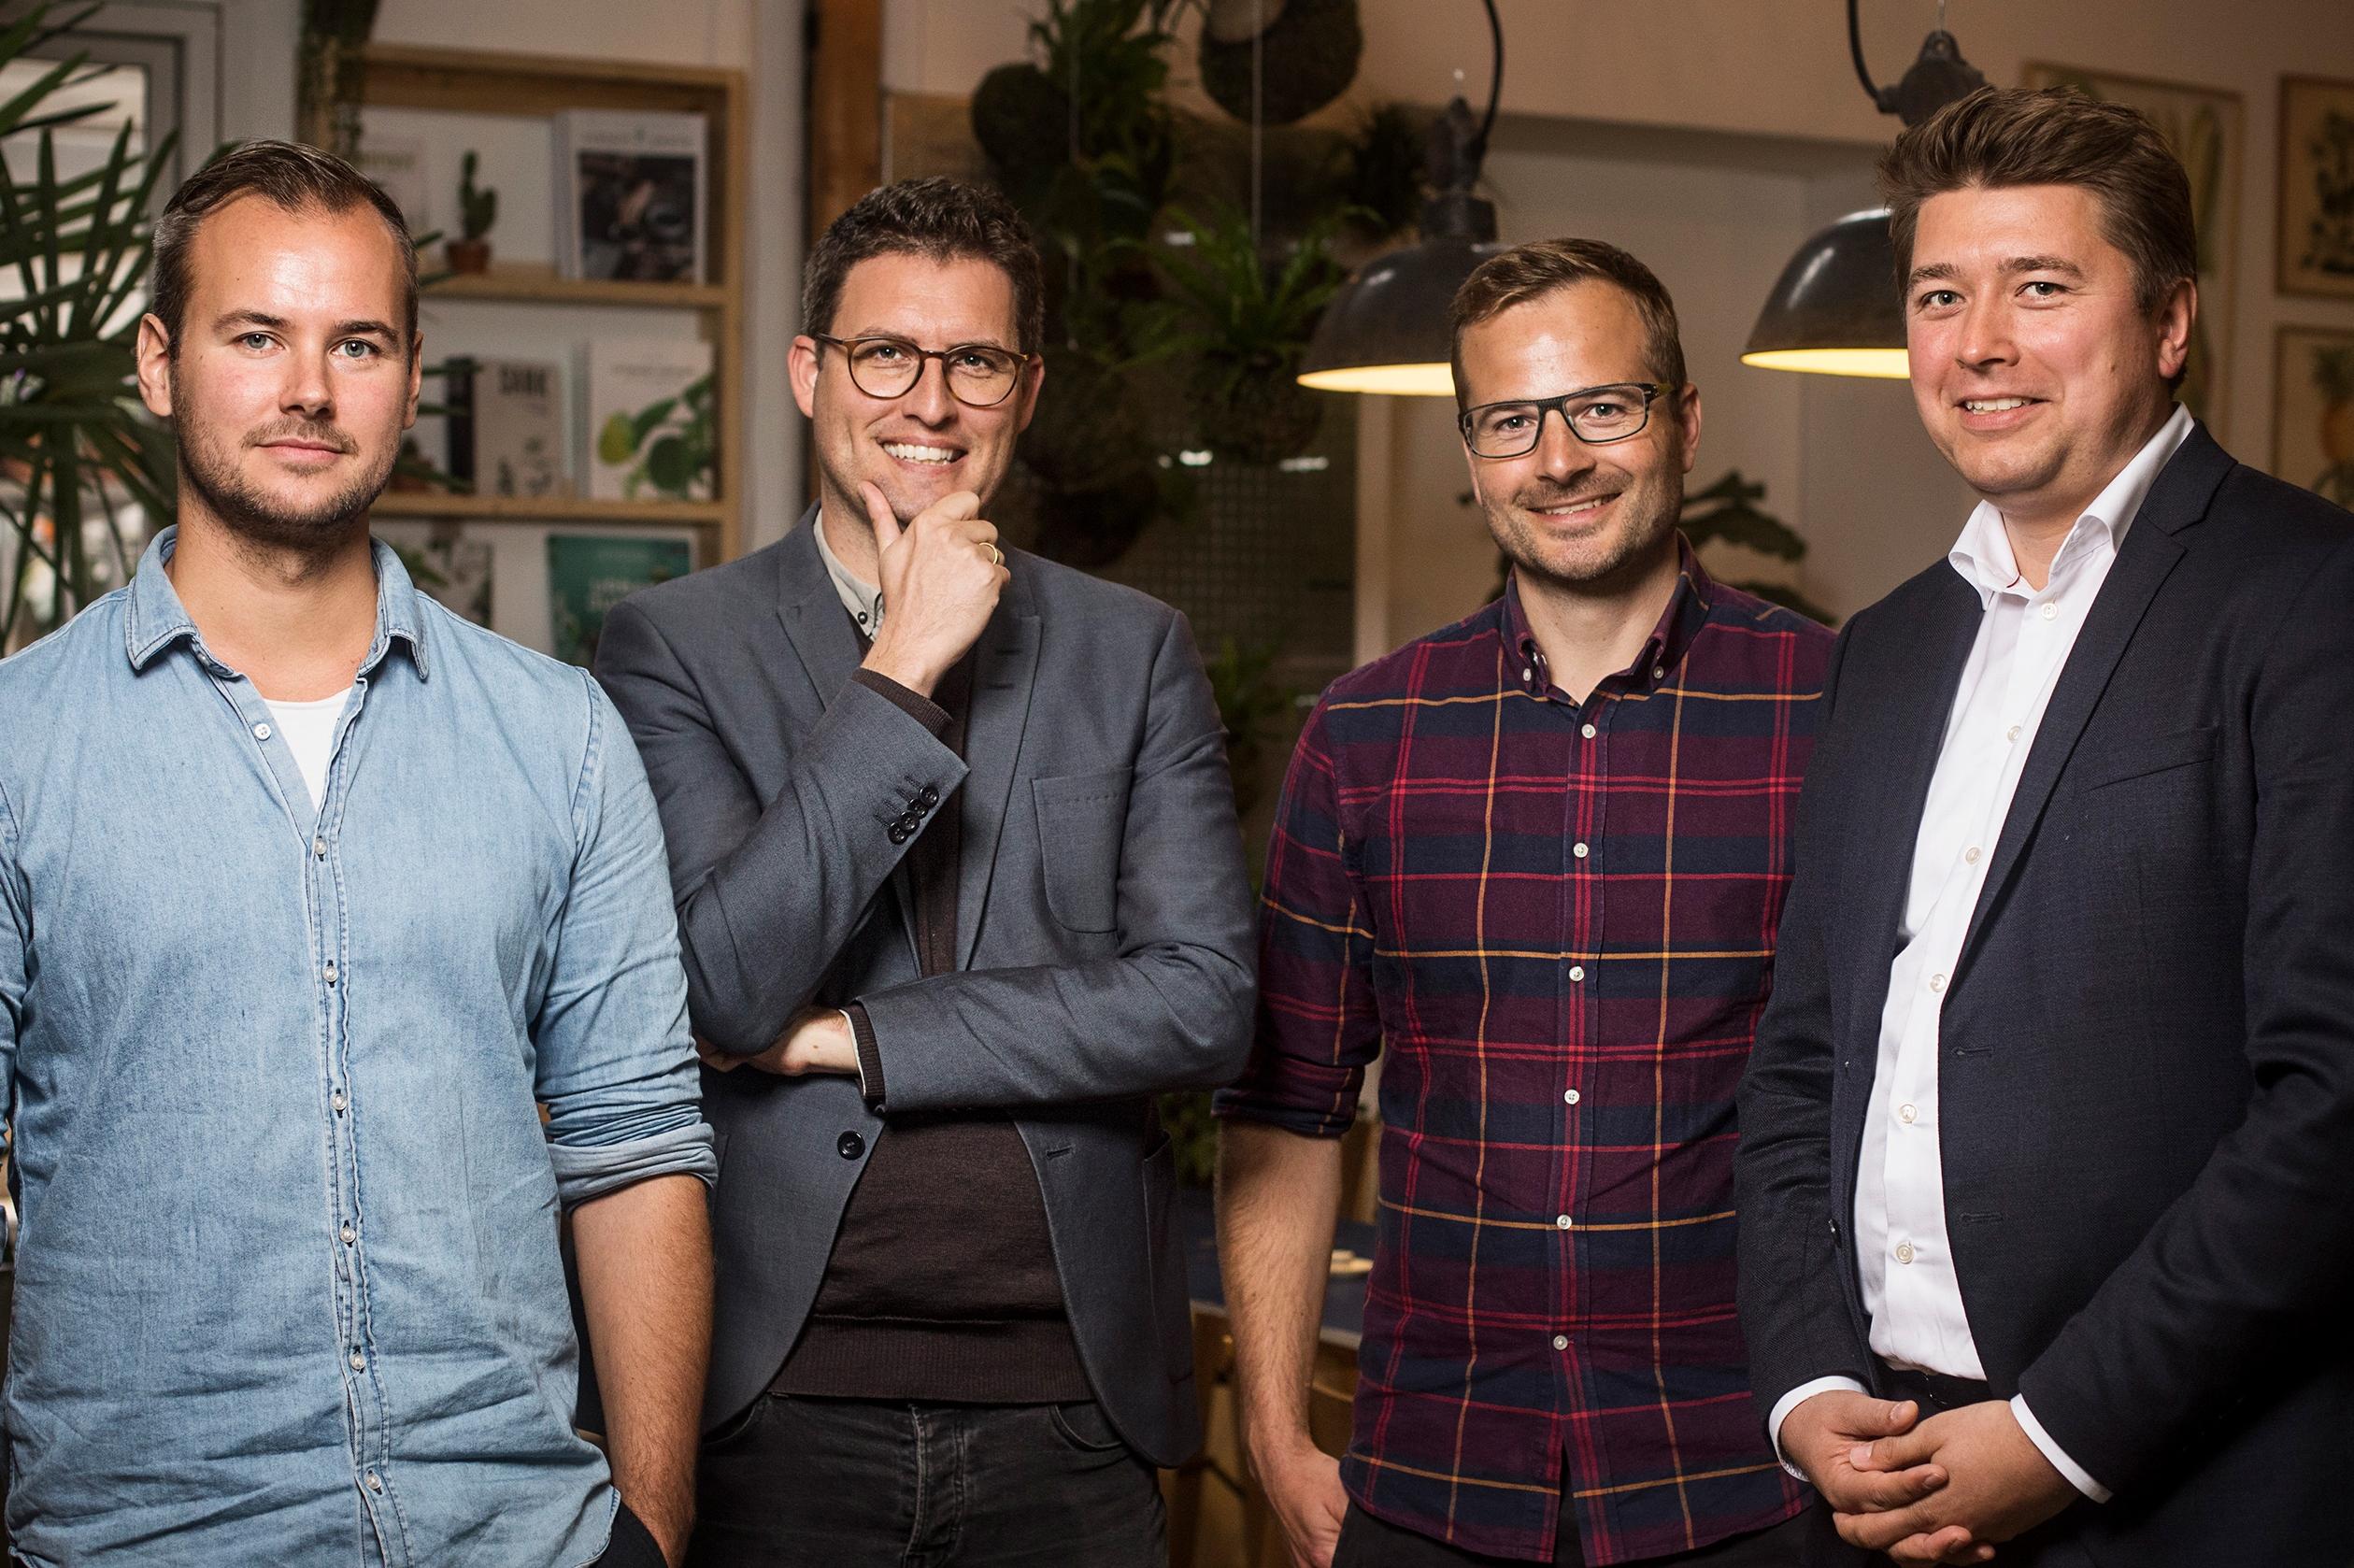 Grundlæggerne af Gaest.com – fra venstre Chris Sørensen, Christian Schwarz Lausten, Jonas Grau og Anders Boelskifte Mogensen. Foto: Gaest.